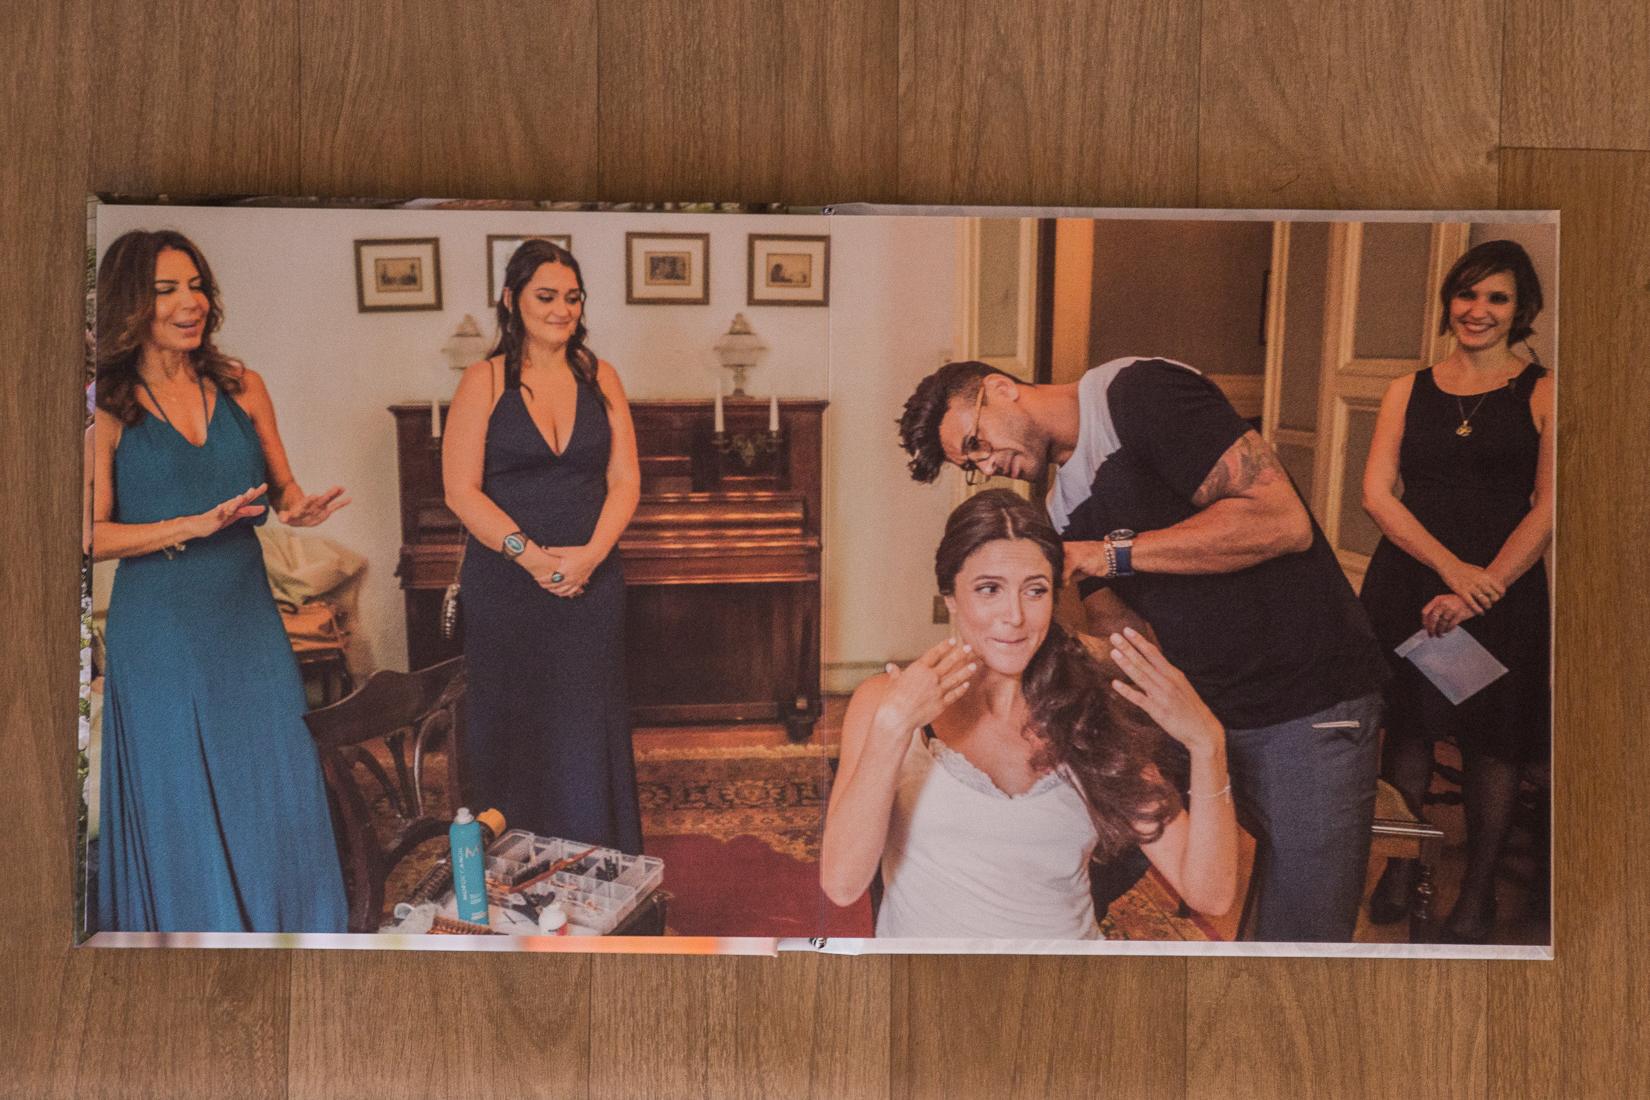 amaro fotografia melhores fotógrafos abc estudio casamento ensaio gestante grávida cenario newborn b